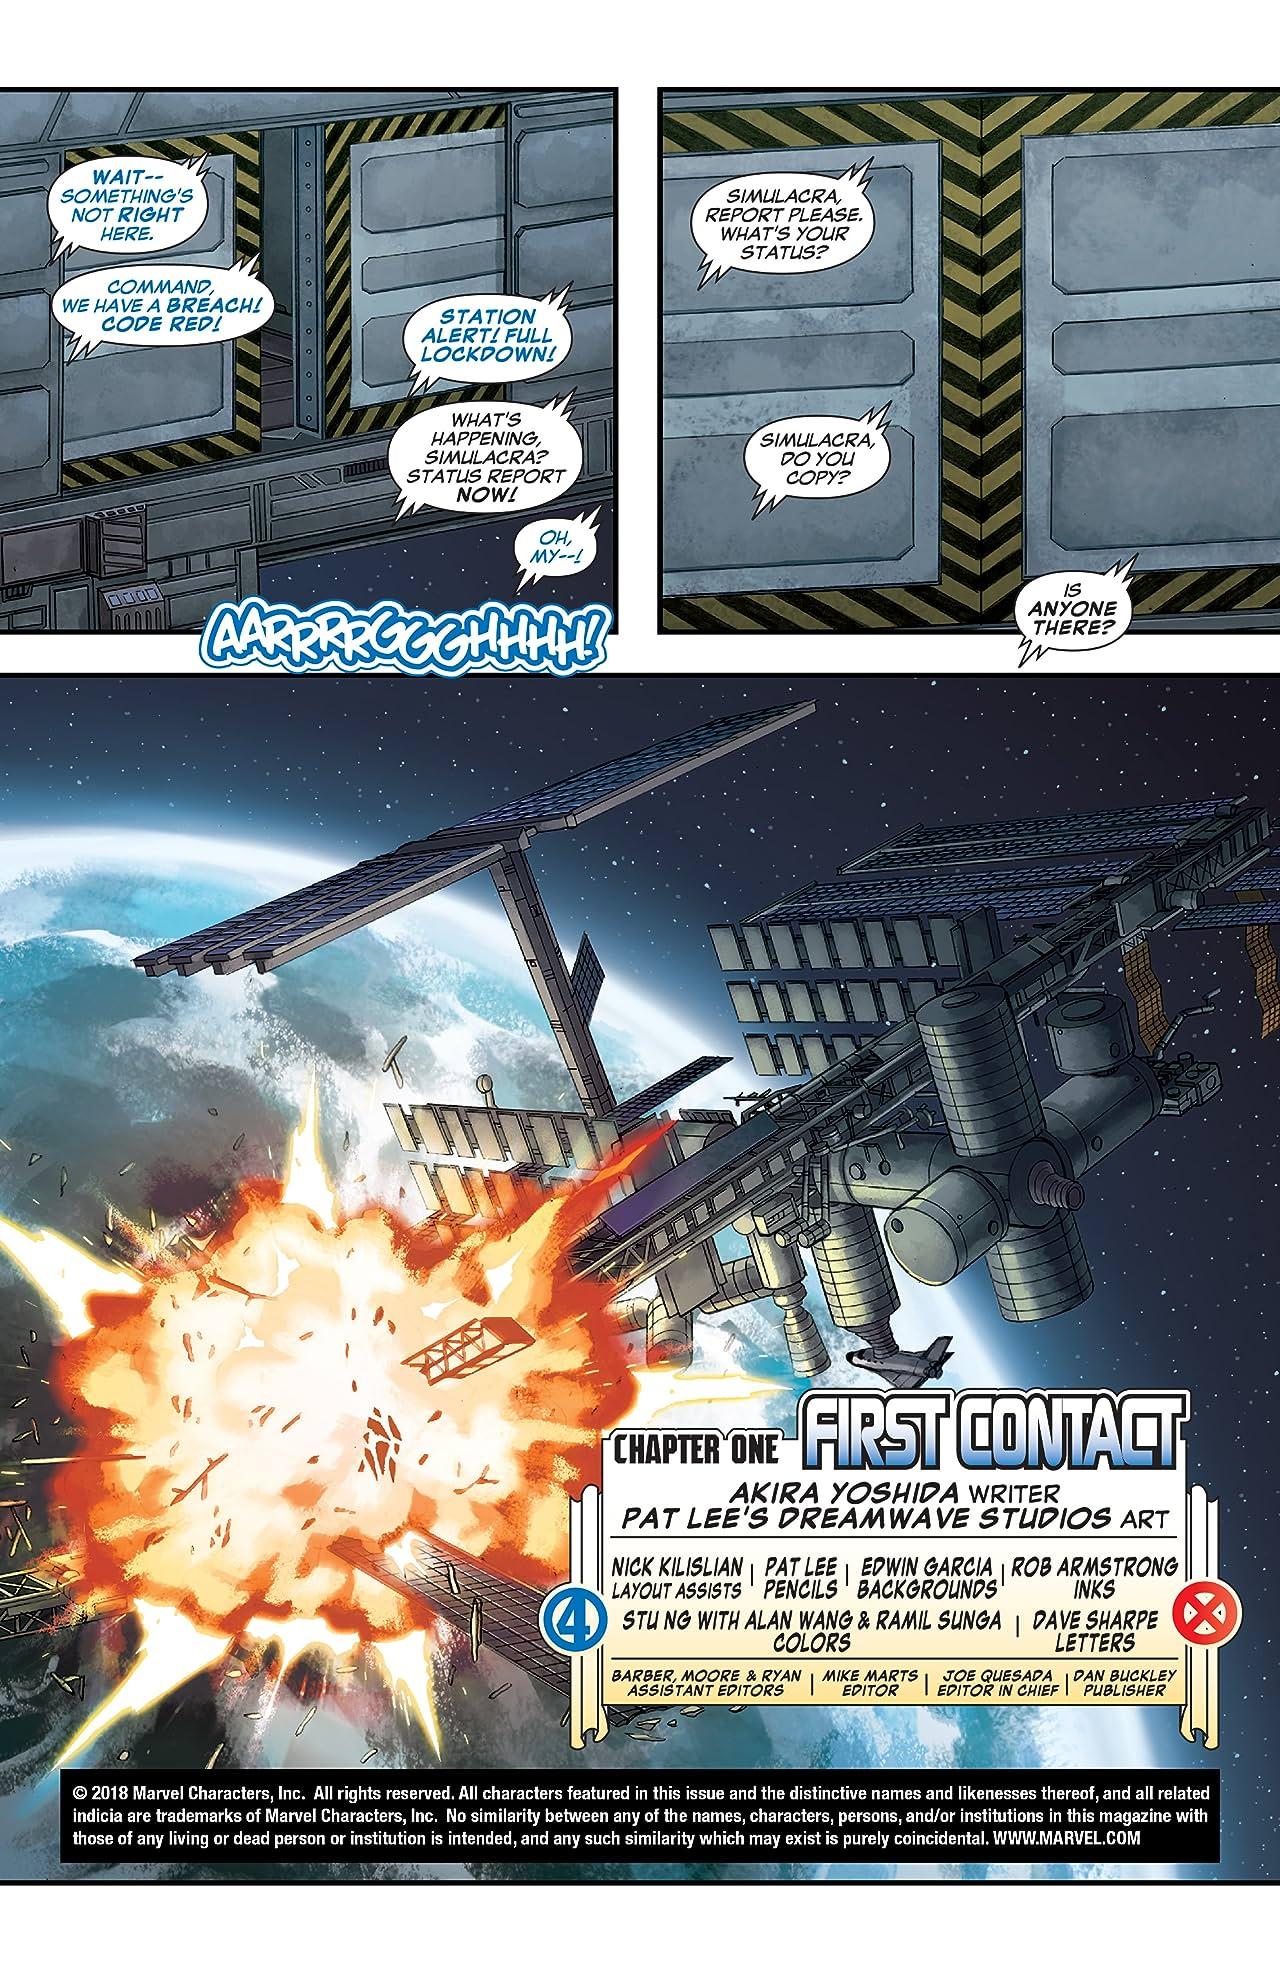 Ultimate X-Men/Ultimate Fantastic Four (2005) #1